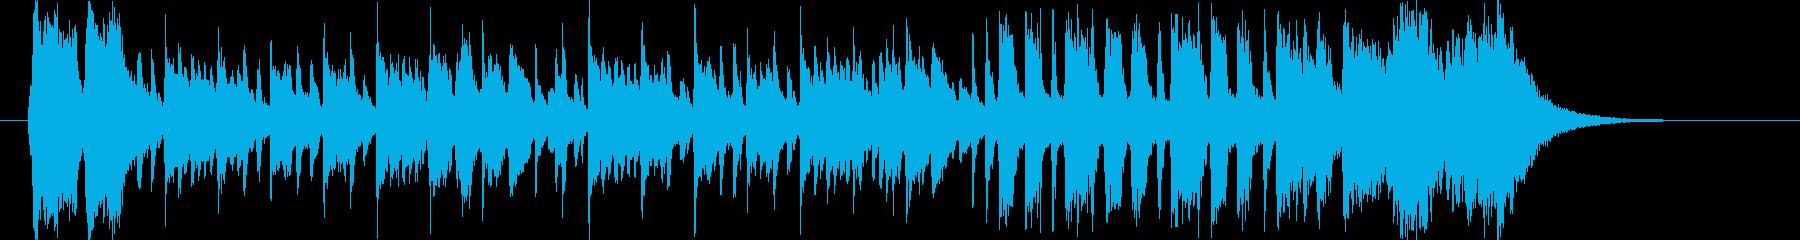 軽やかでリズミカルなピアノジングルの再生済みの波形